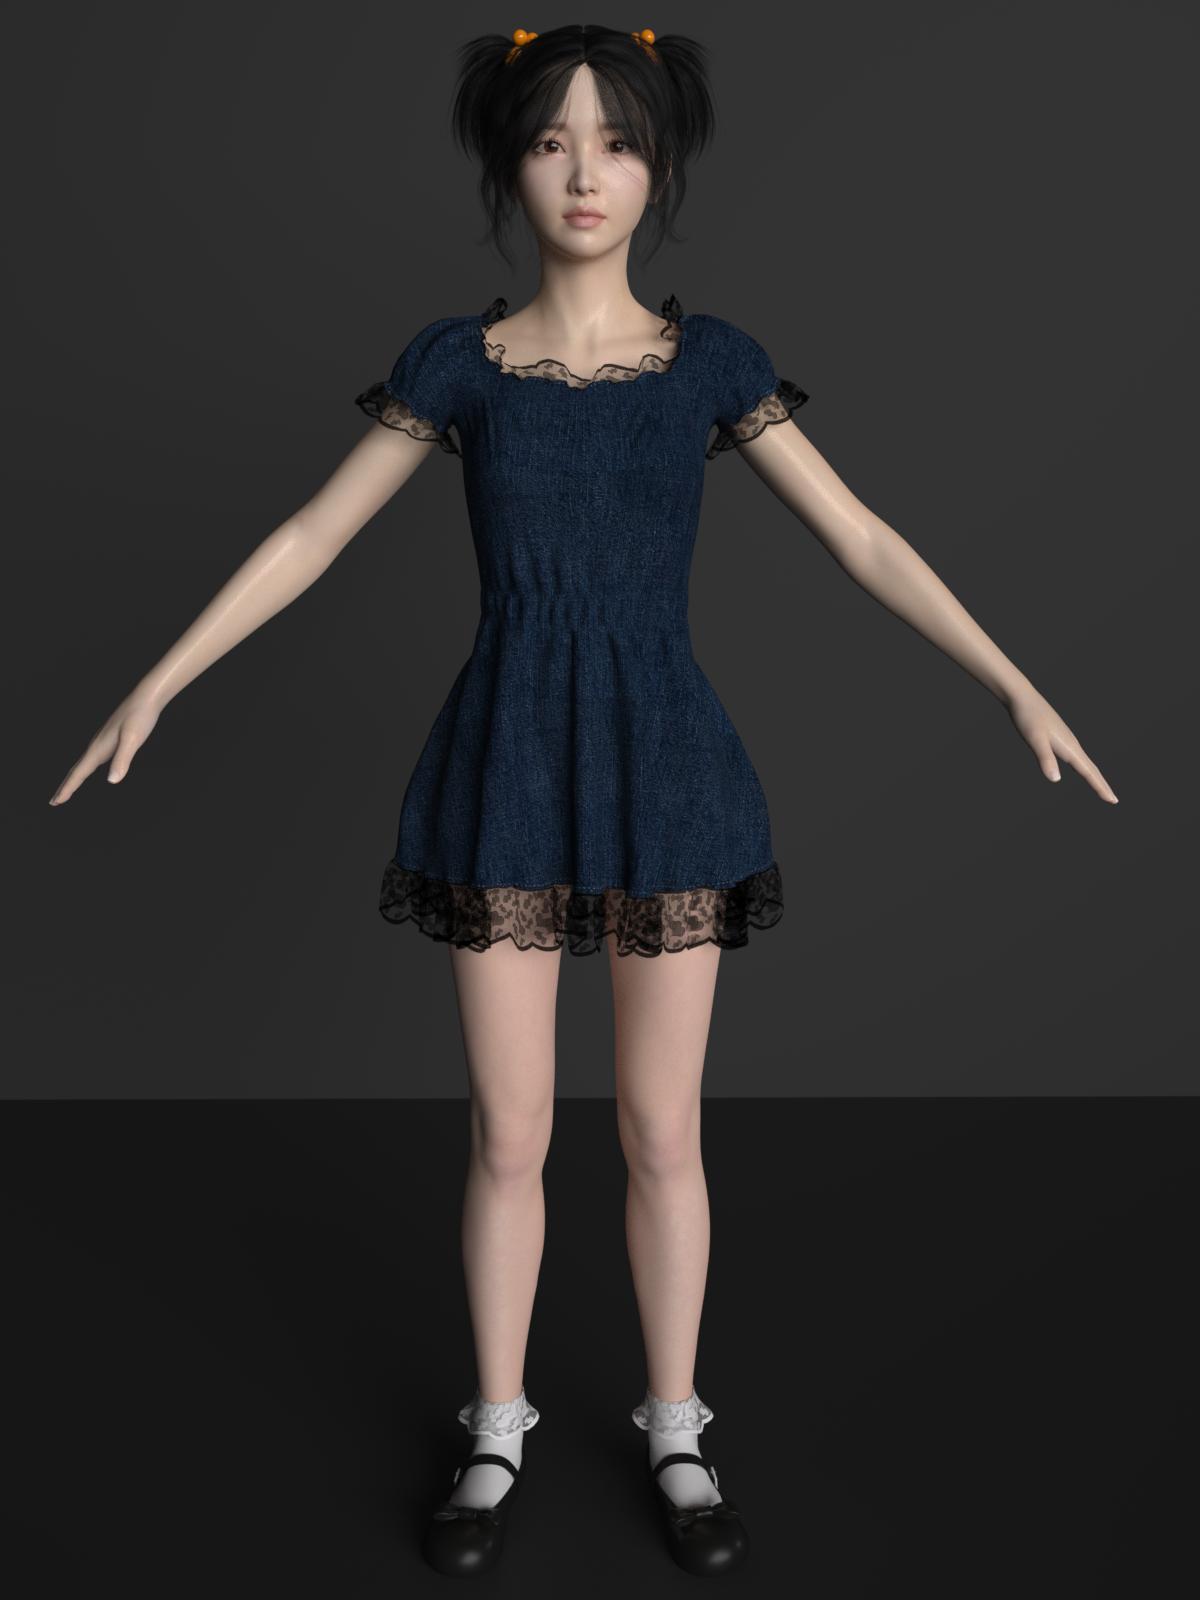 Ищу девушку для кастинга 3д модели в игру!